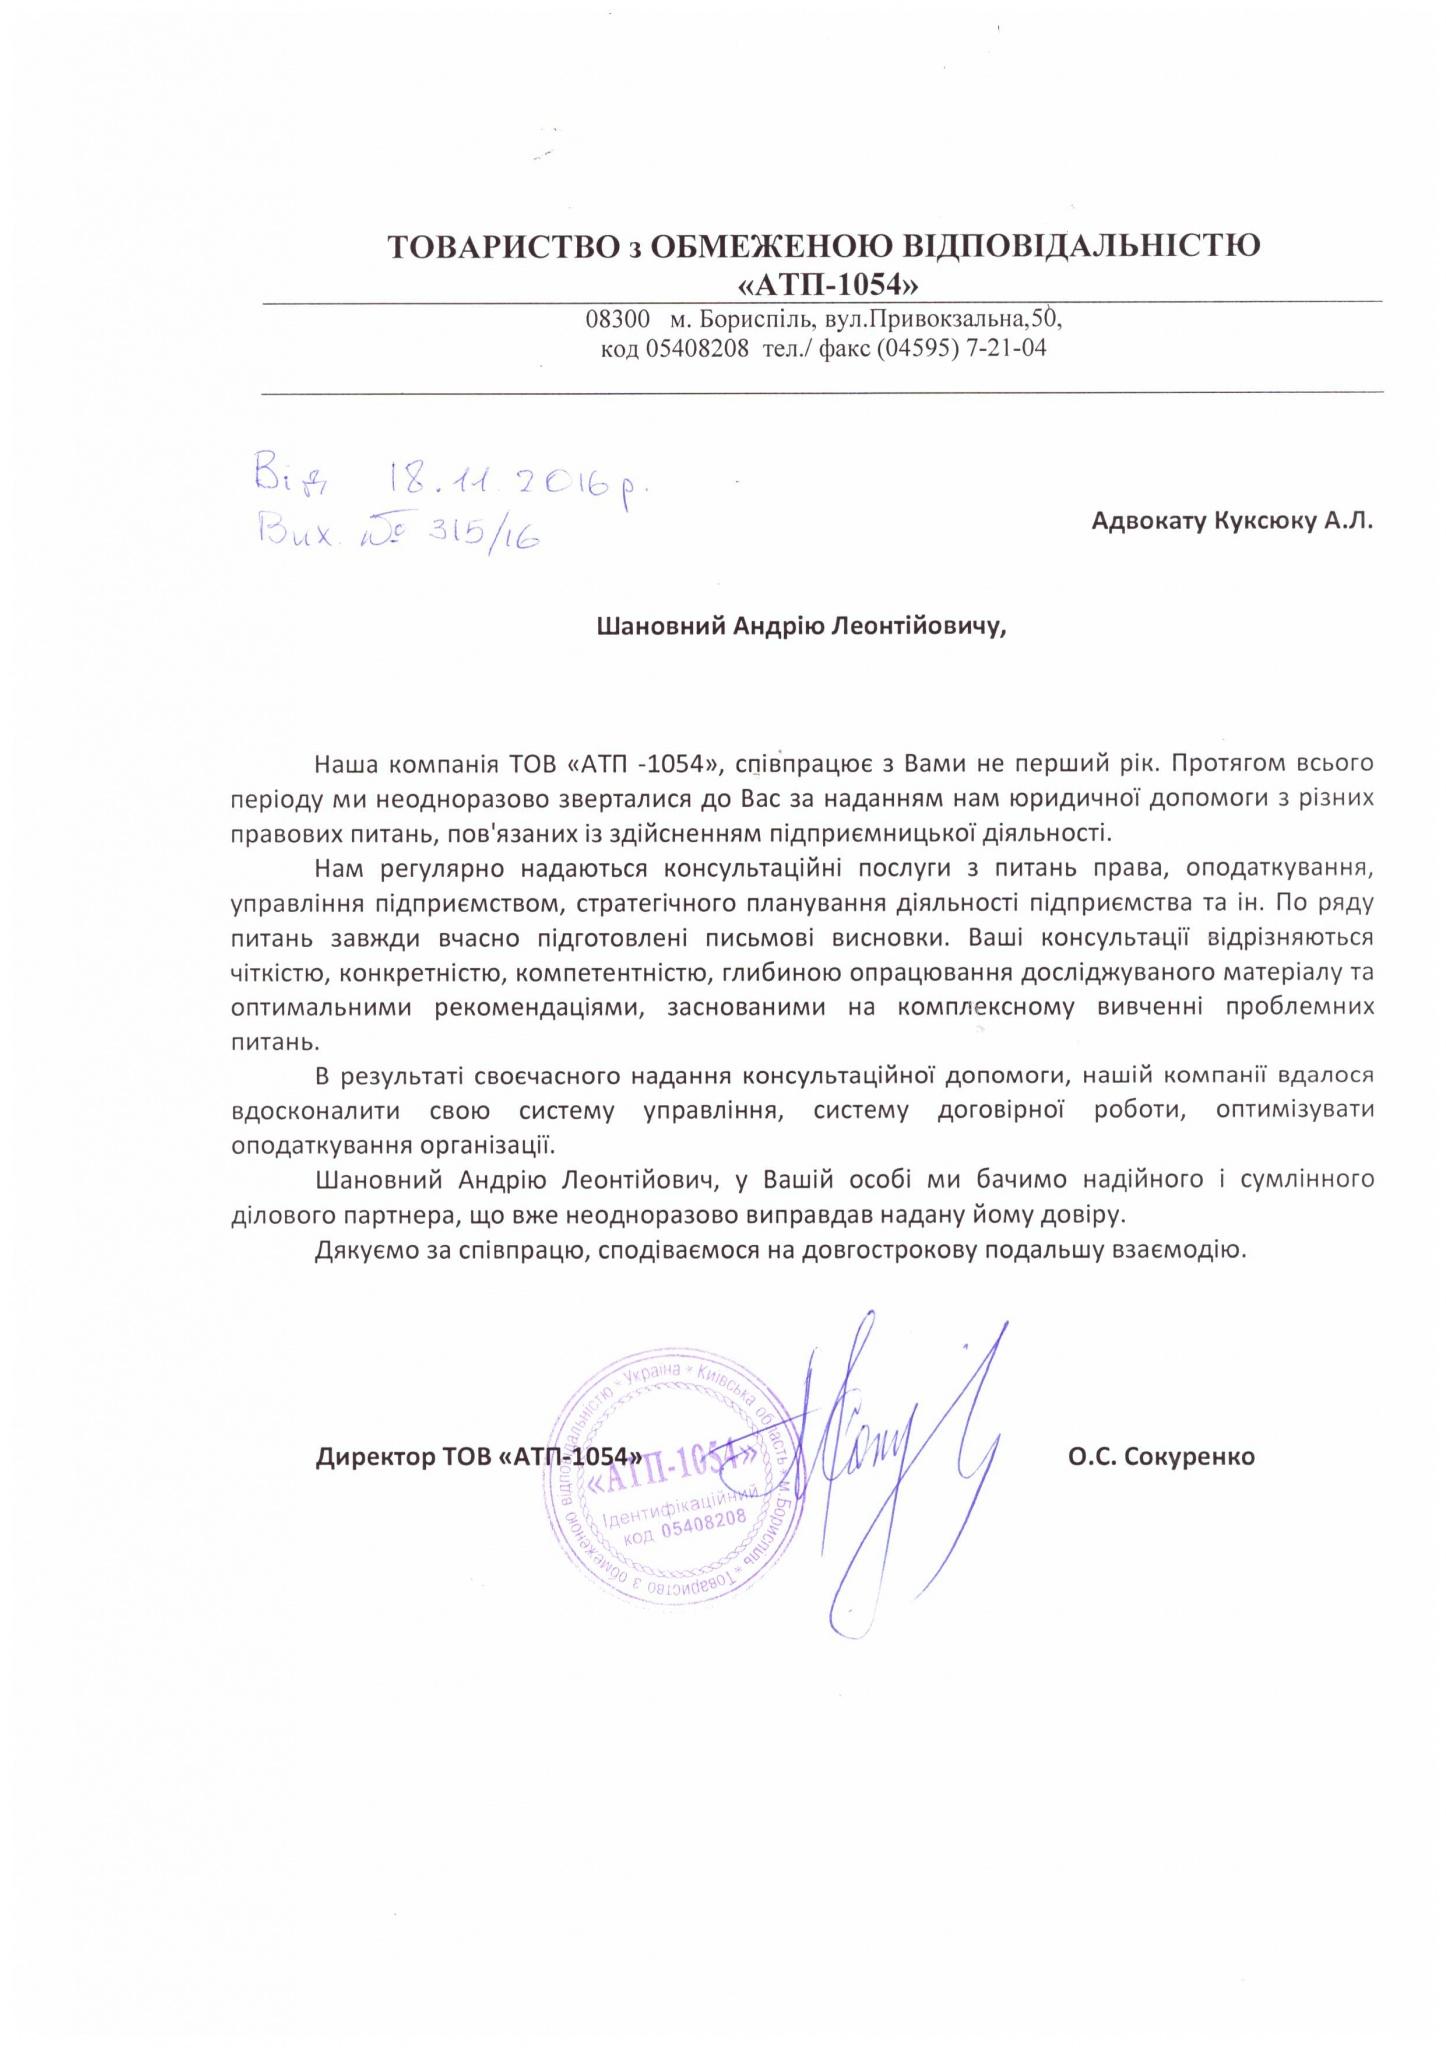 Рекомендаційний лист від Товариства з обмеженою відповідальністю «АТП-1054»